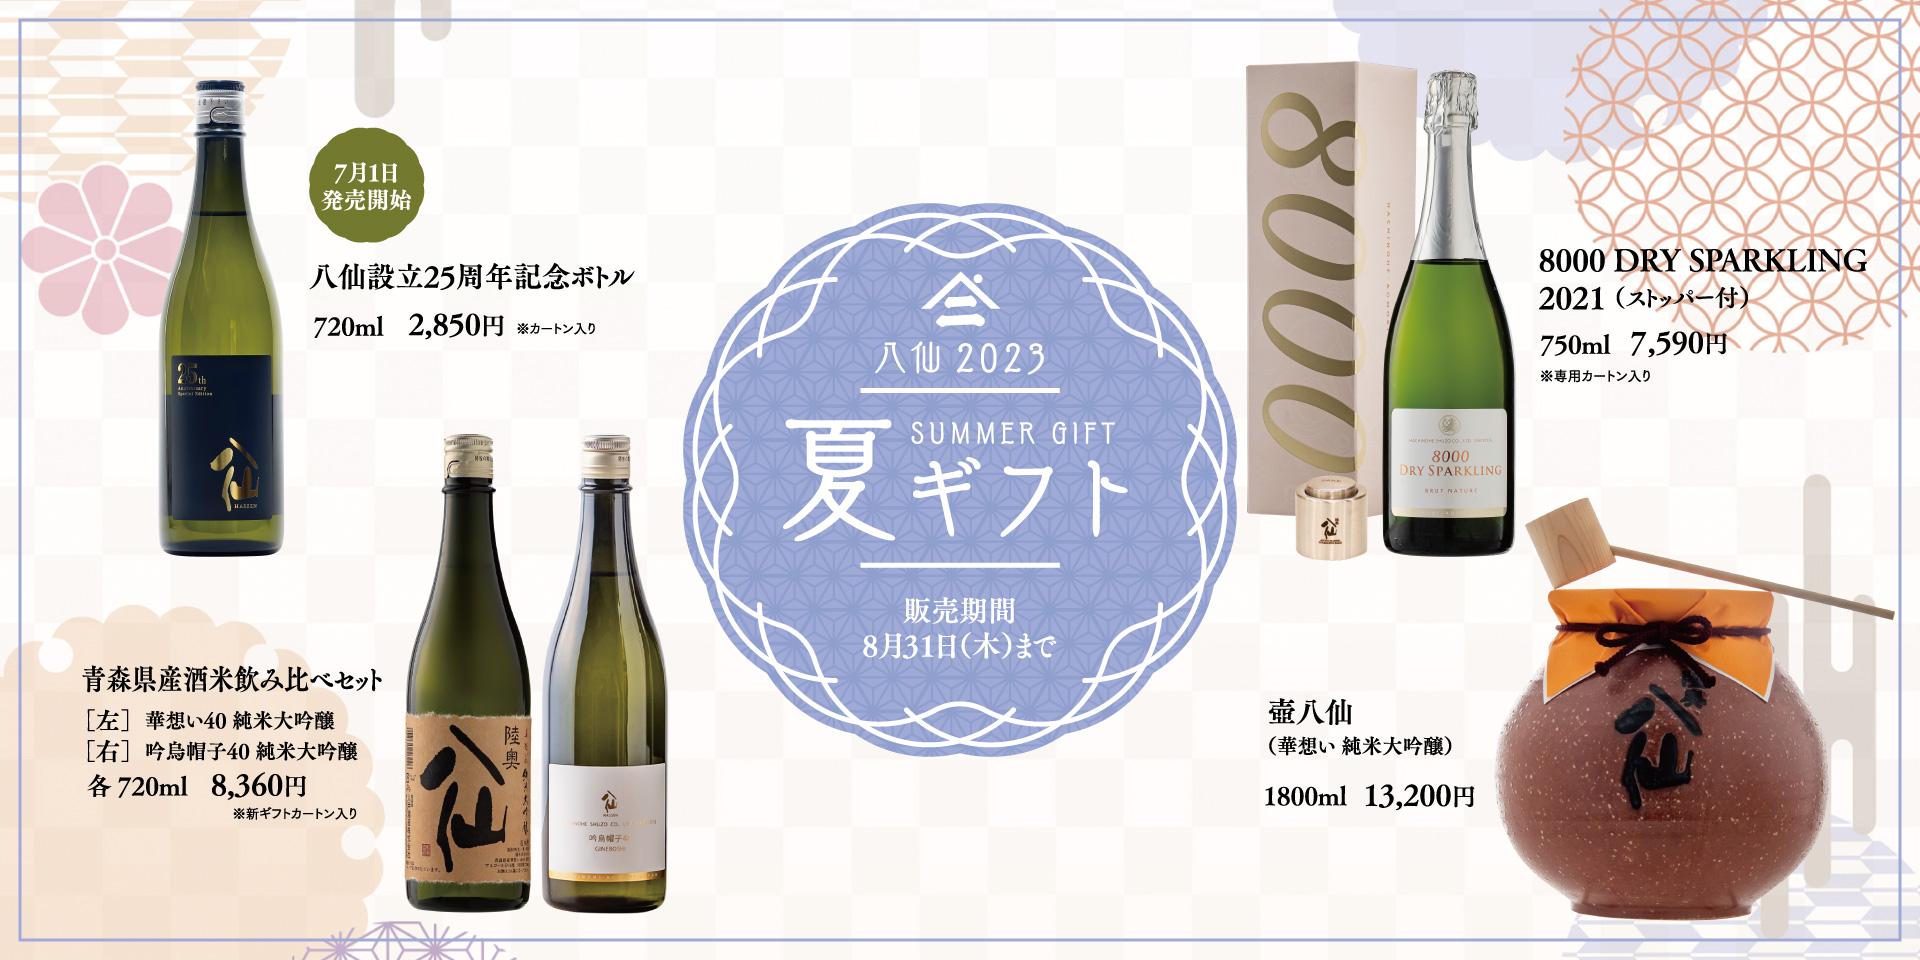 八仙の夏ギフト2021